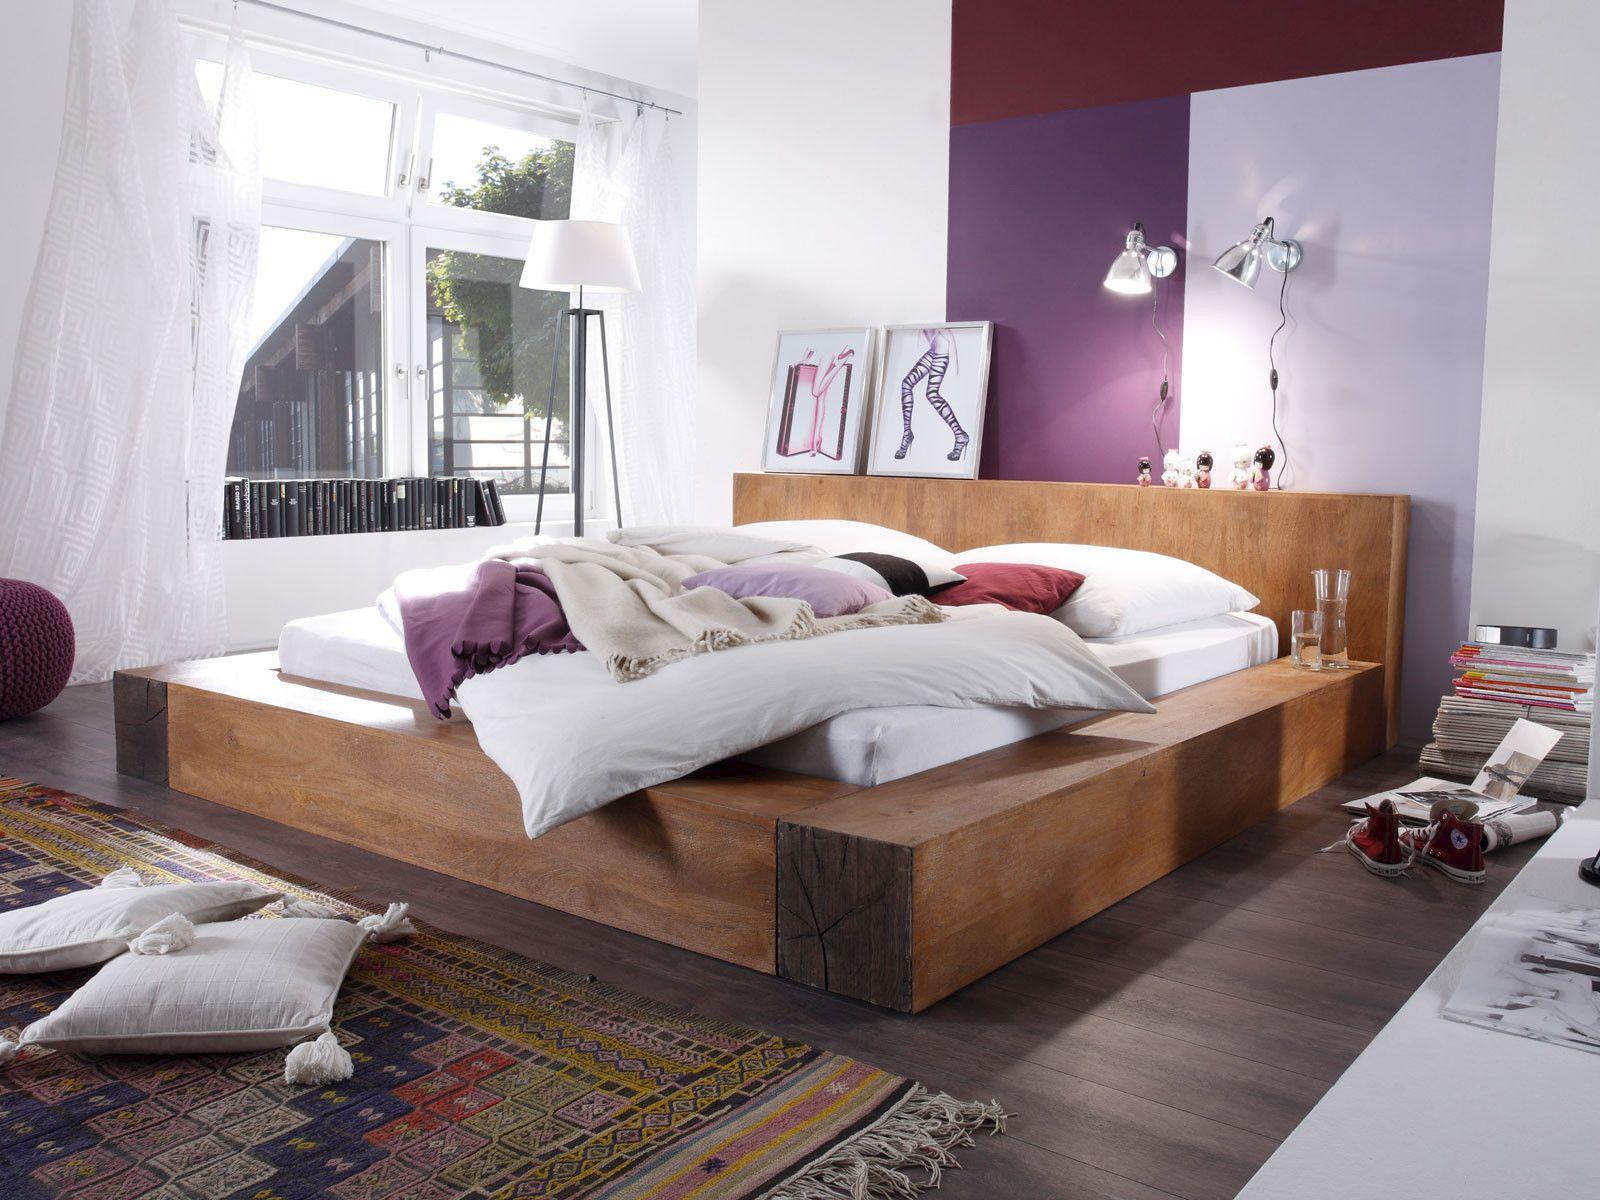 Bett Creed 180x200 Mango | bett | Pinterest | Betten, Schlafzimmer ...